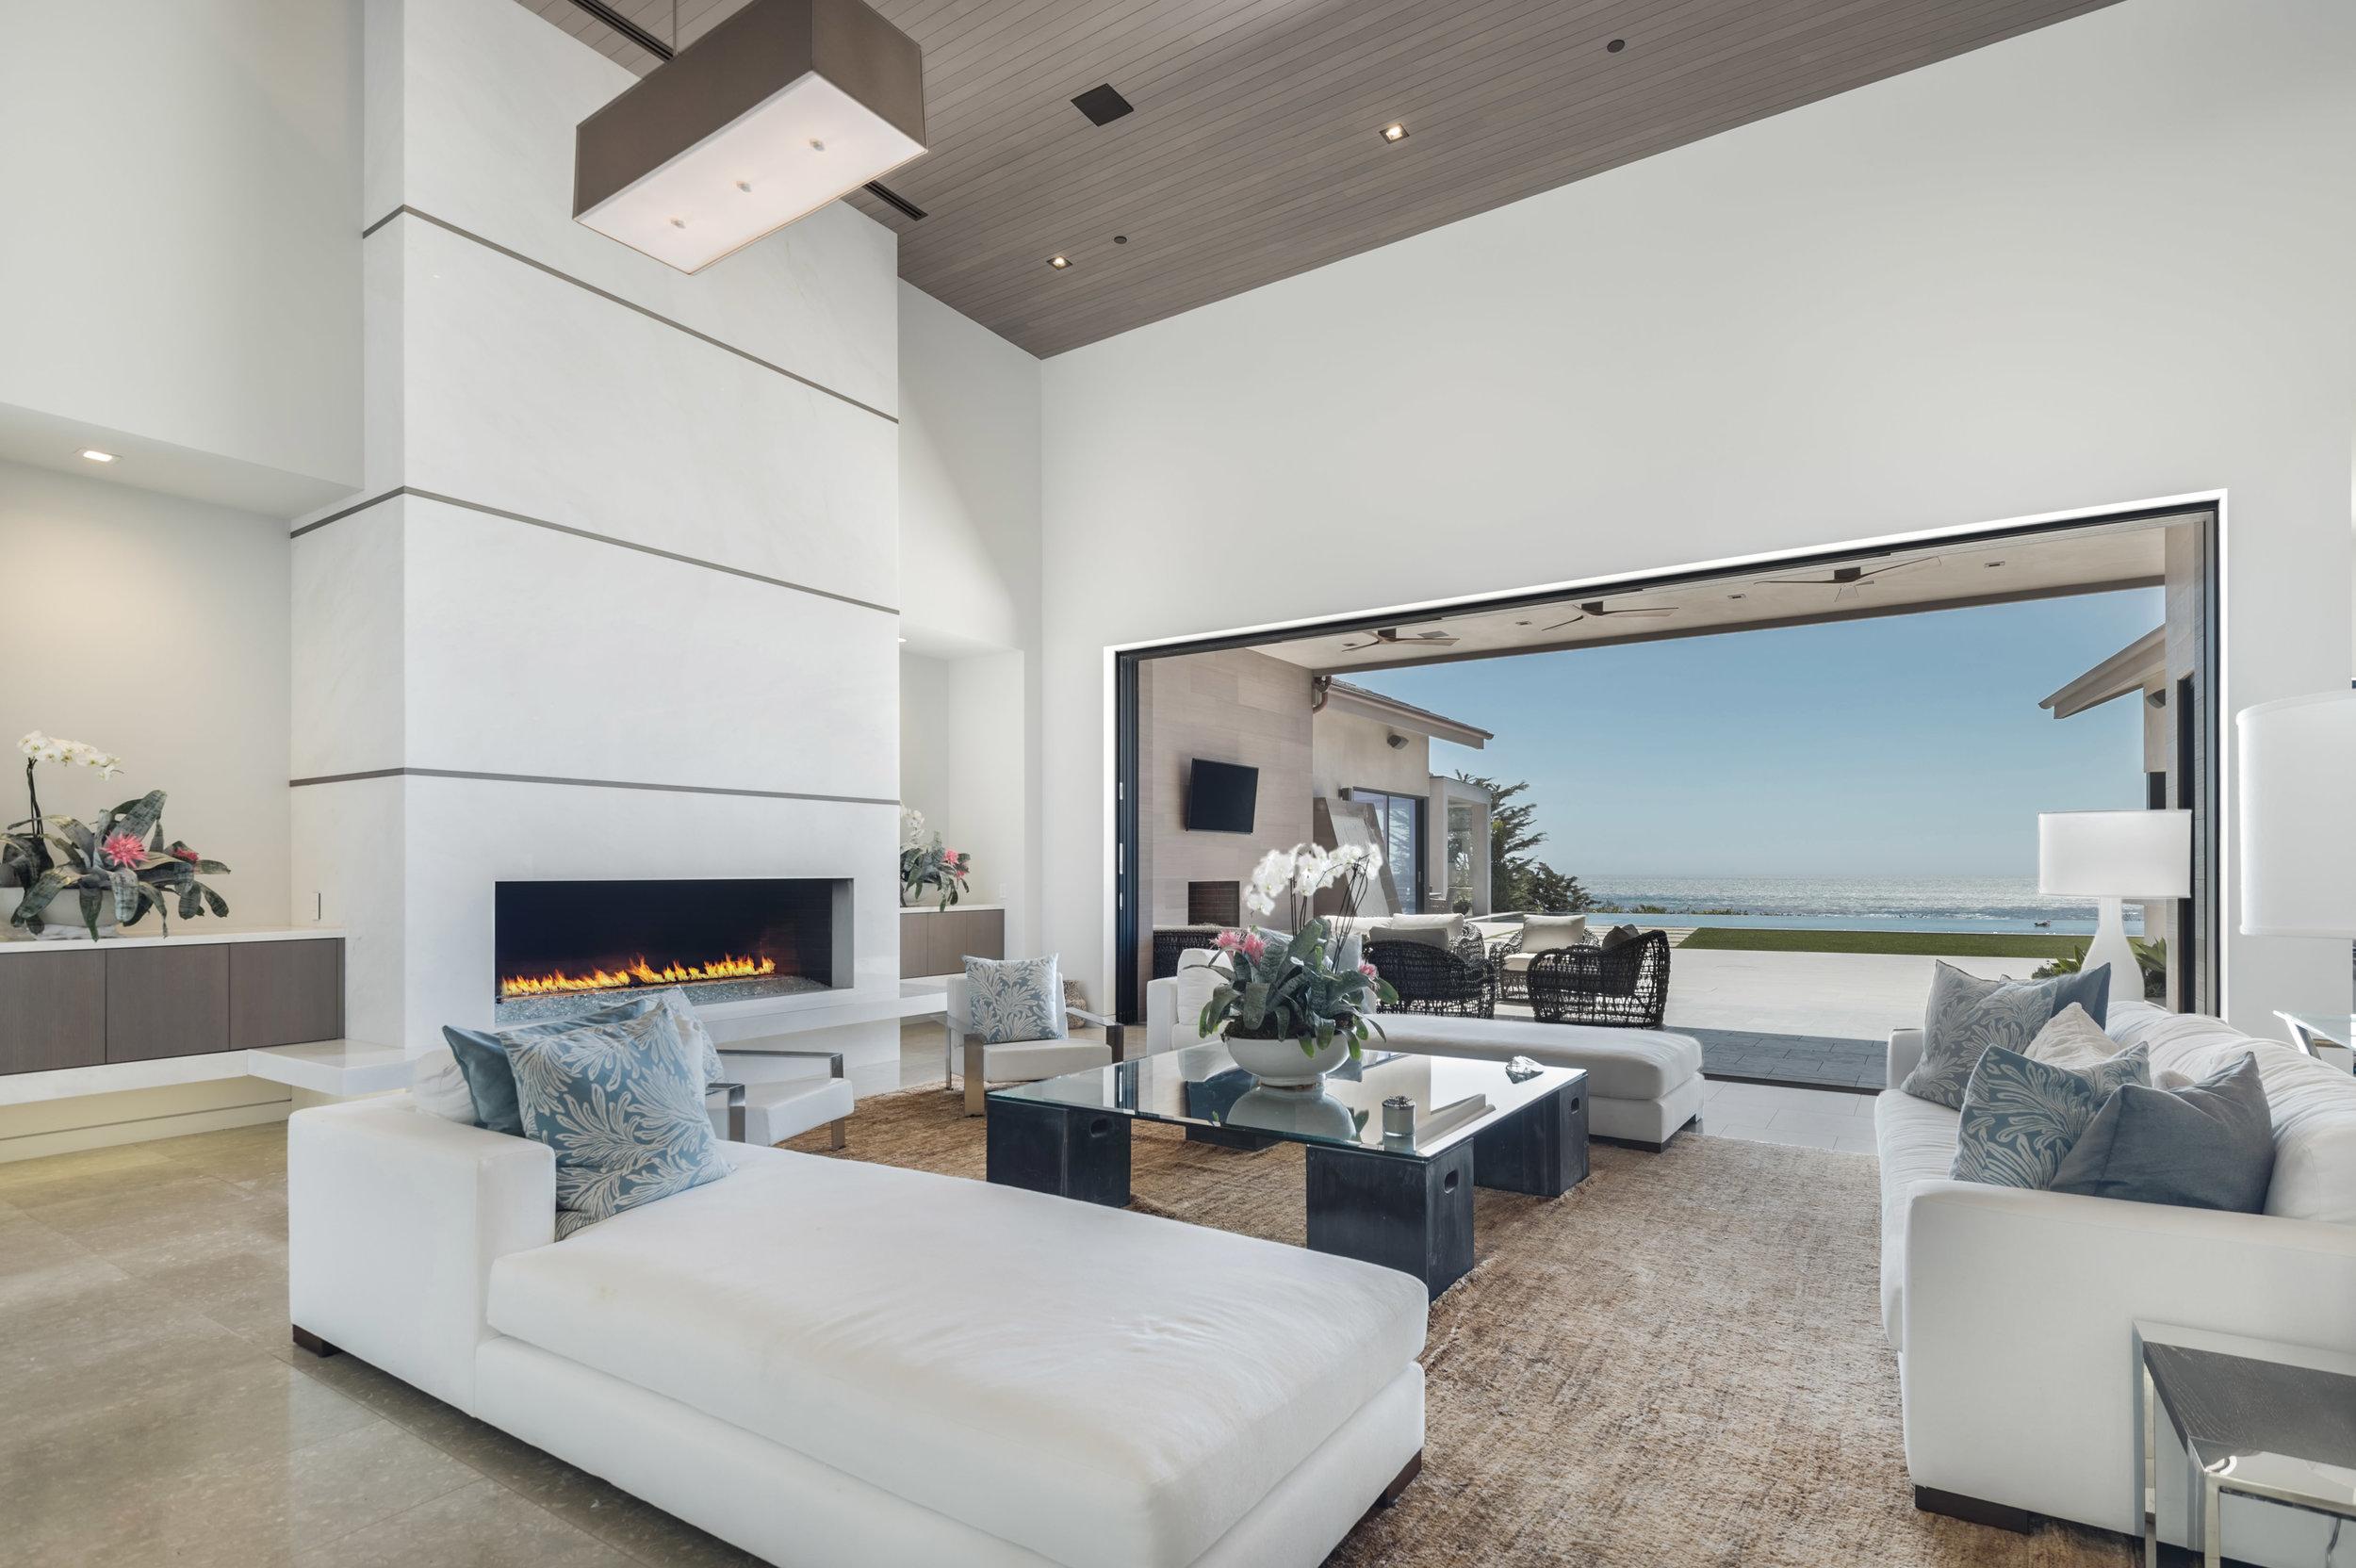 002 living Room 3 11902 Ellice Street Malibu For Sale The Malibu Life Team Luxury Real Estate.jpg